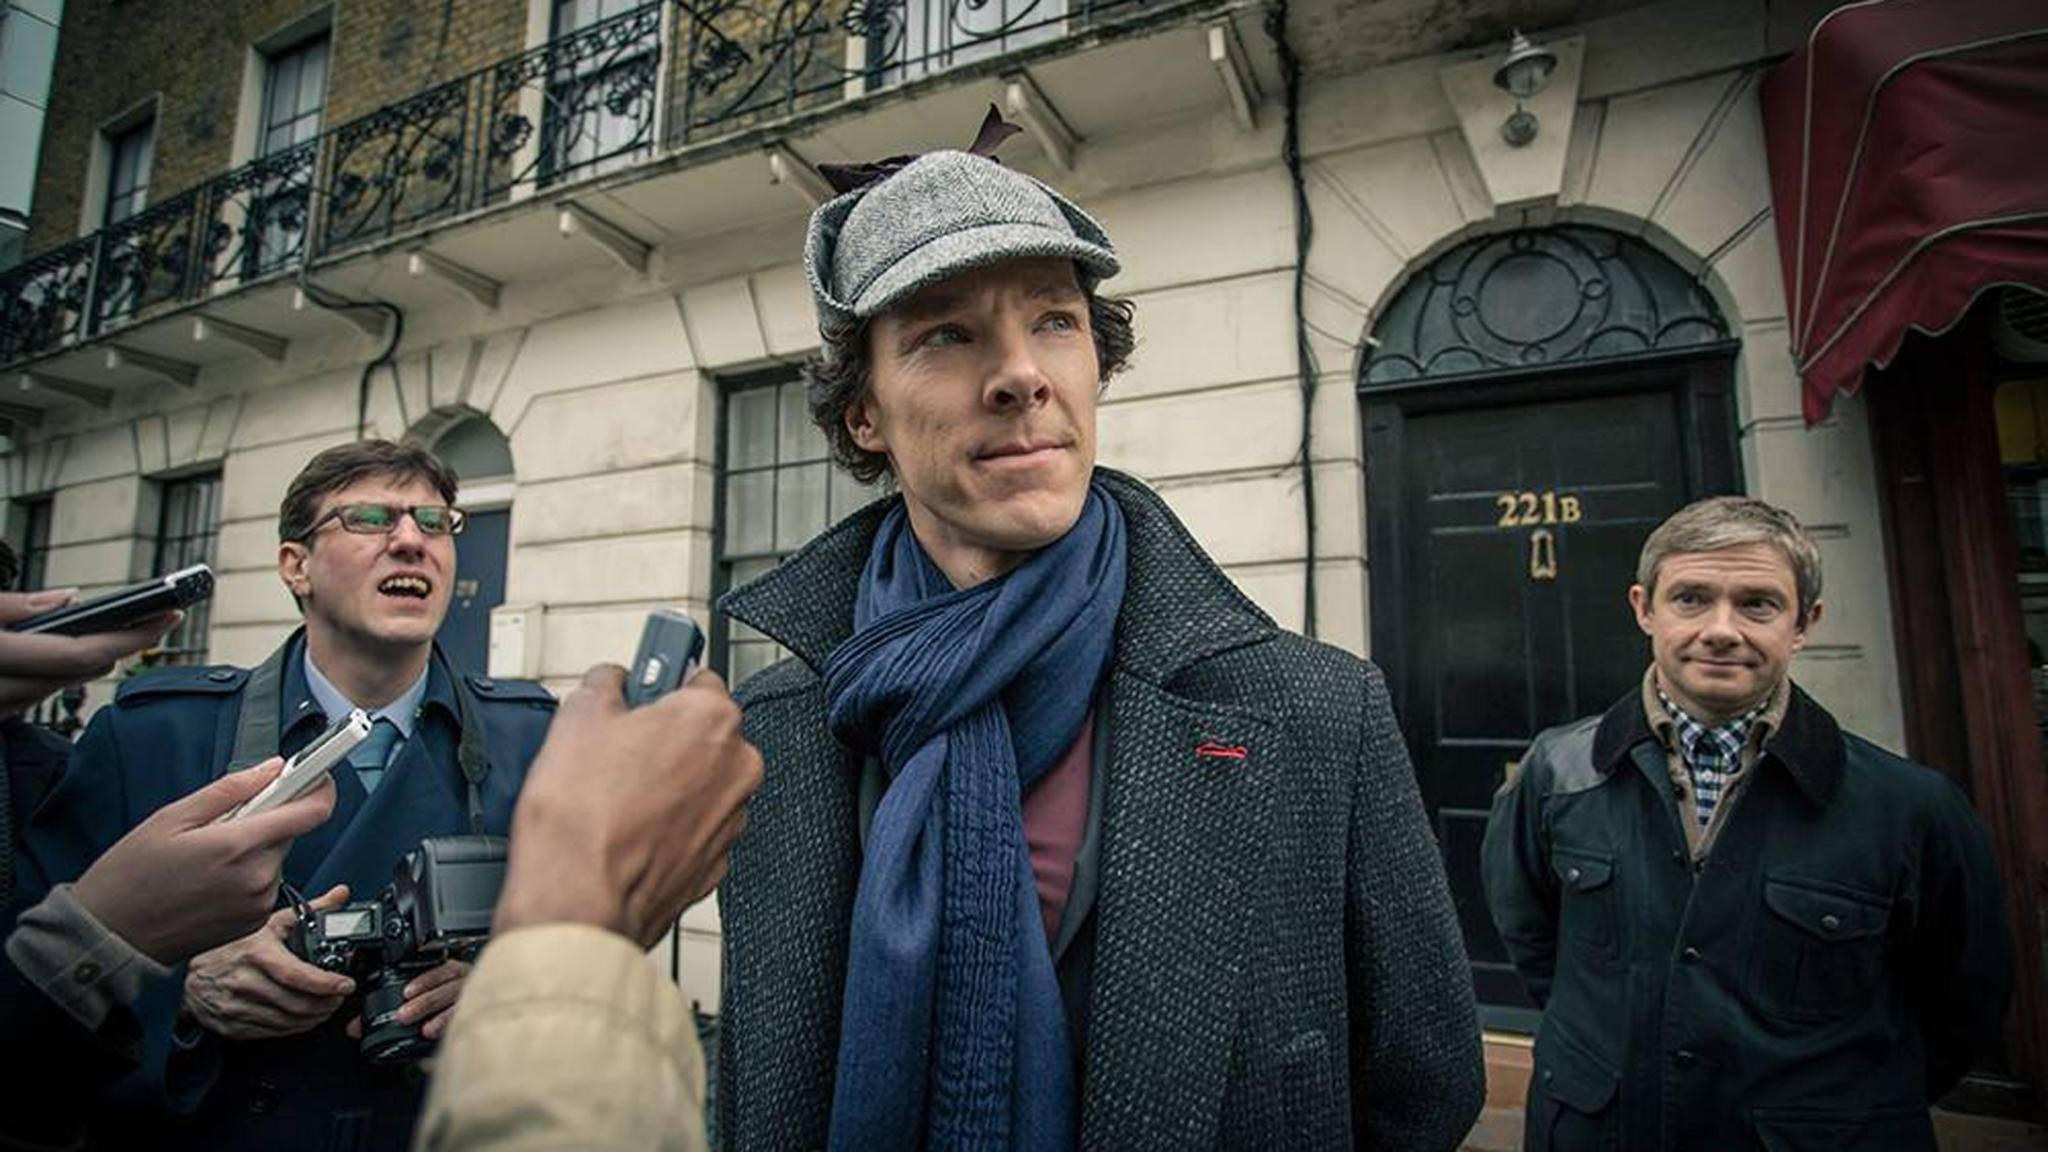 Der Detektiv mit dem Hut kehrt zurück! 2017 geht Sherlock (Benedict Cumberbatch) wieder auf Spurensuche.